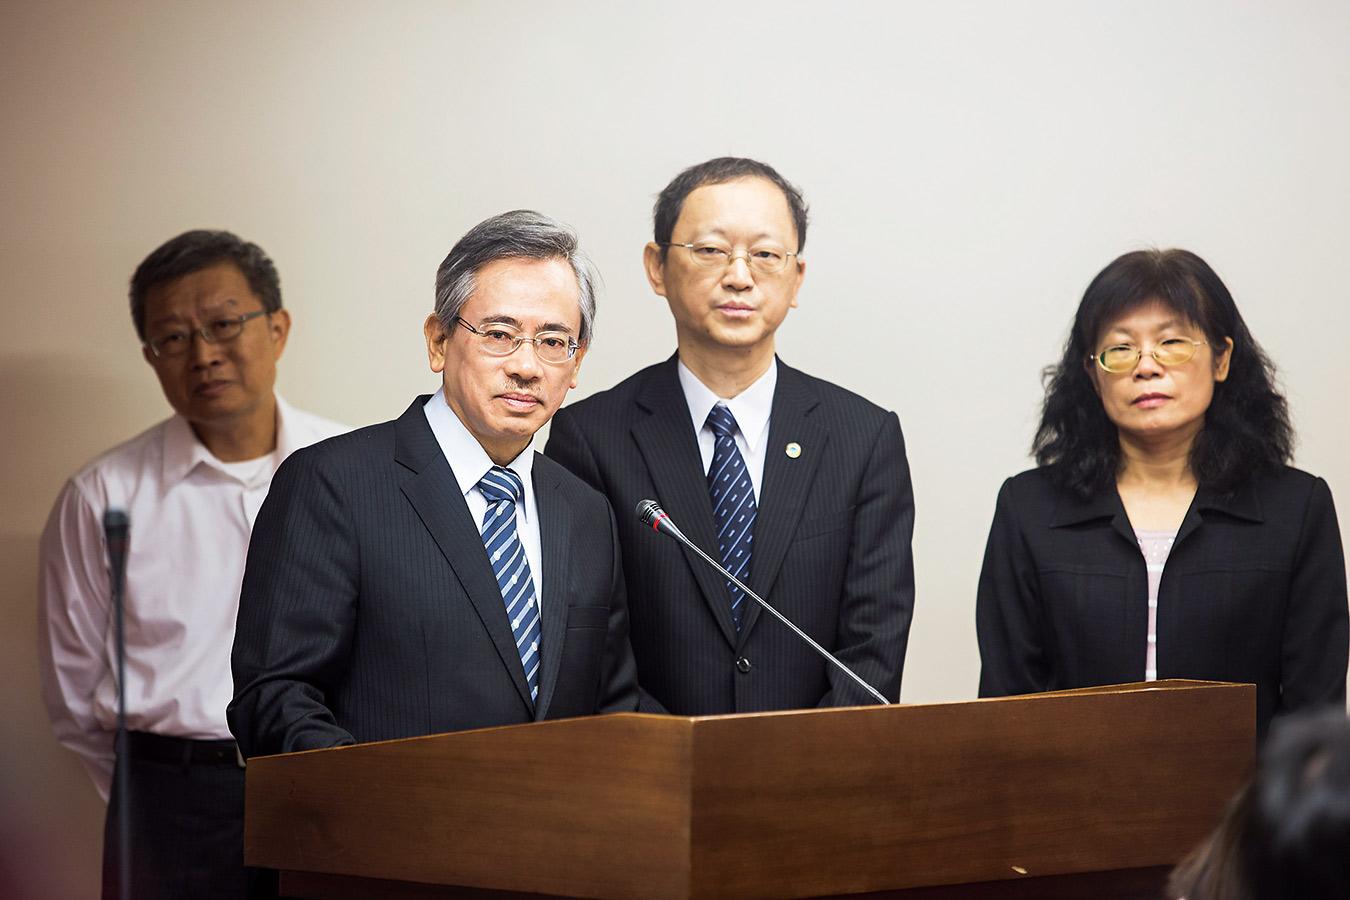 食安問題連環爆,邱文達(前排左一)被立委釘得滿頭包,還被要求下台負責。